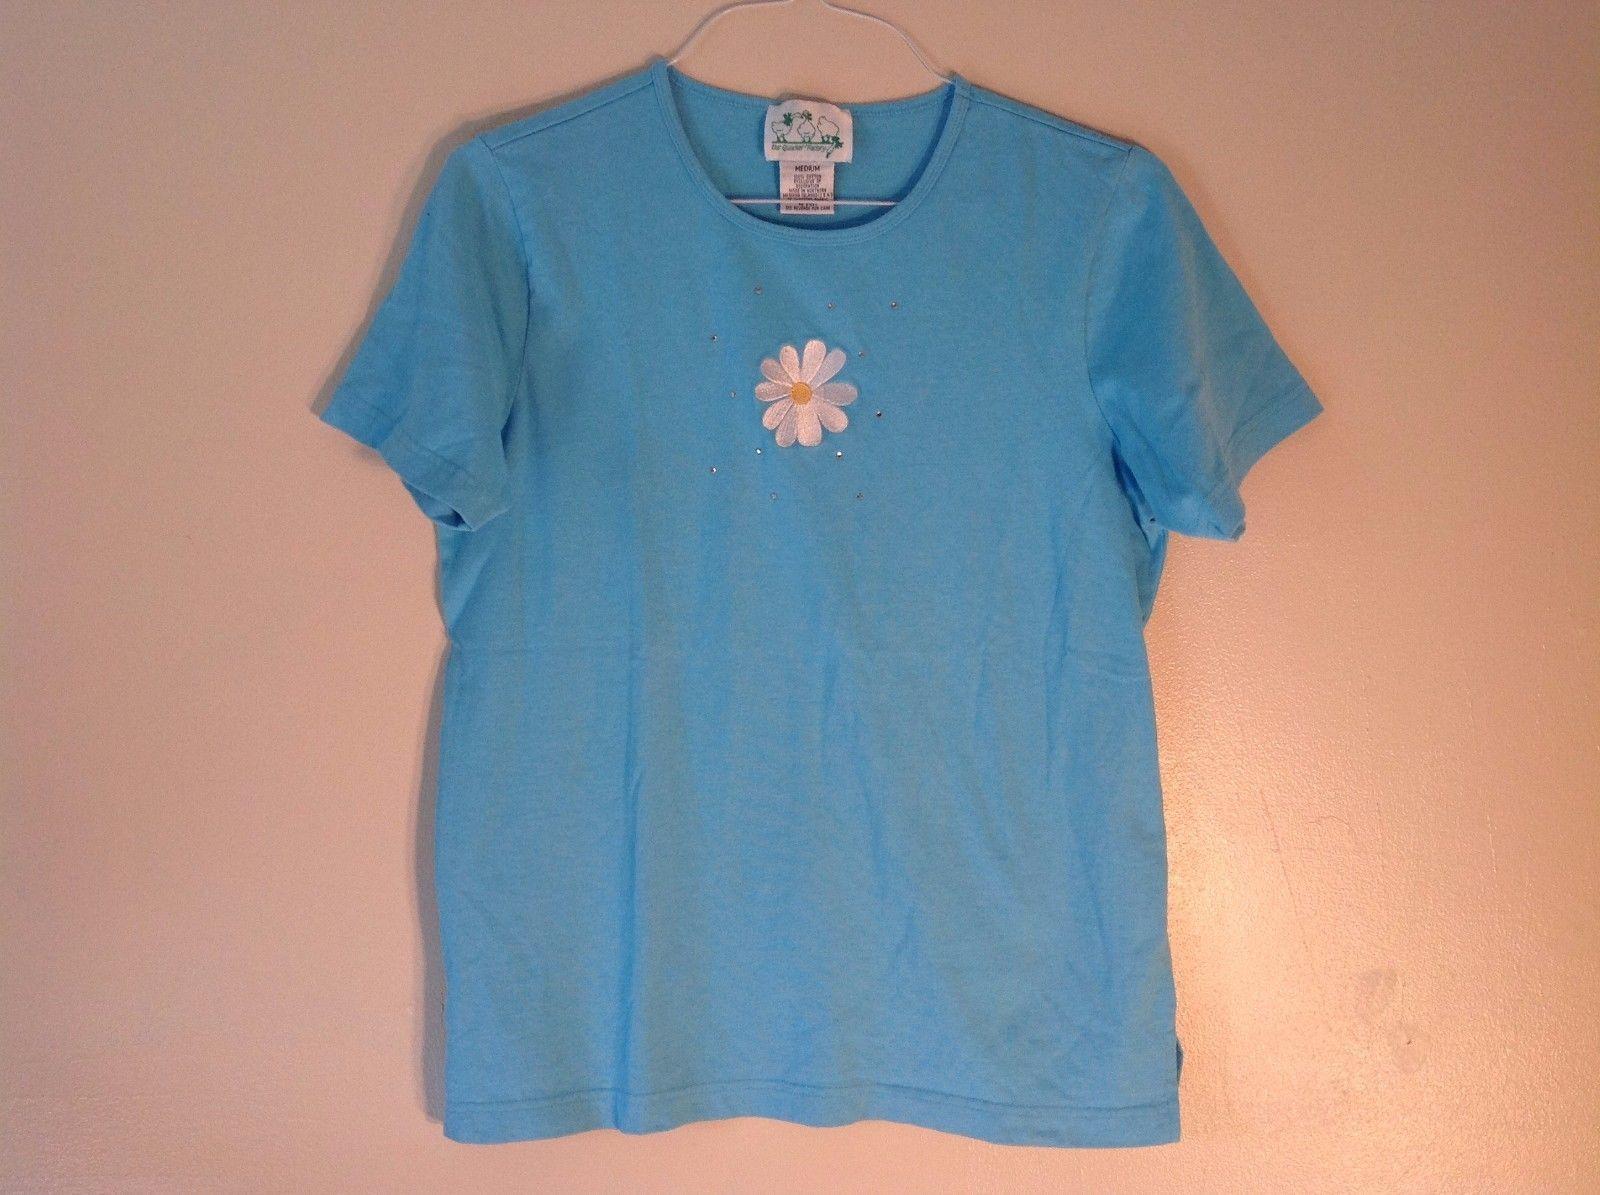 The Quacker Factory Medium Sky Blue Crewneck T-Shirt 100% Cotton Daisy Patch